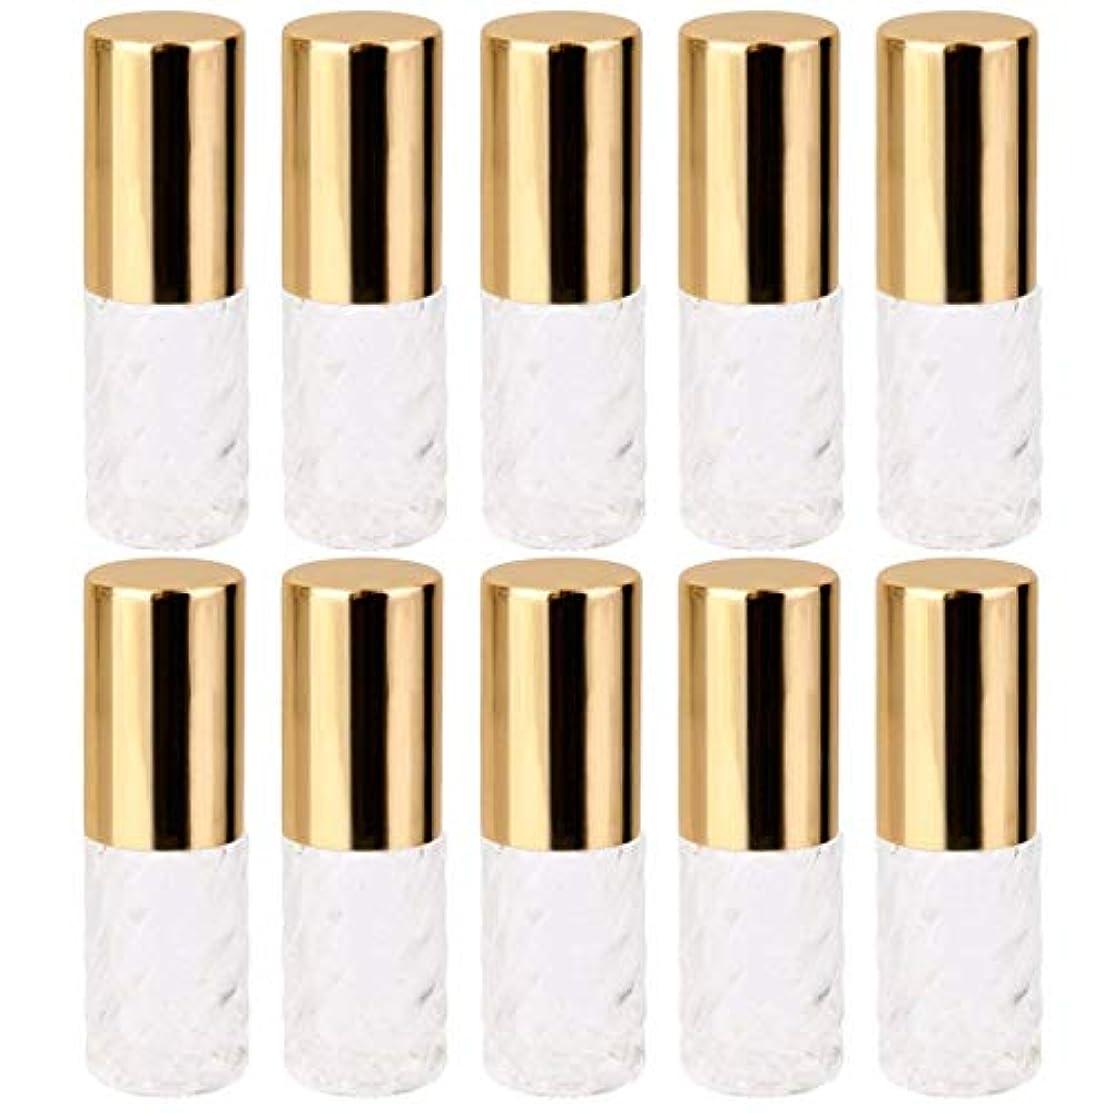 タービン散歩時代10個 5ml 透明 交換 旅行 空 ロールオン ガラス 香水瓶 容器 コスメ 詰替え 便利